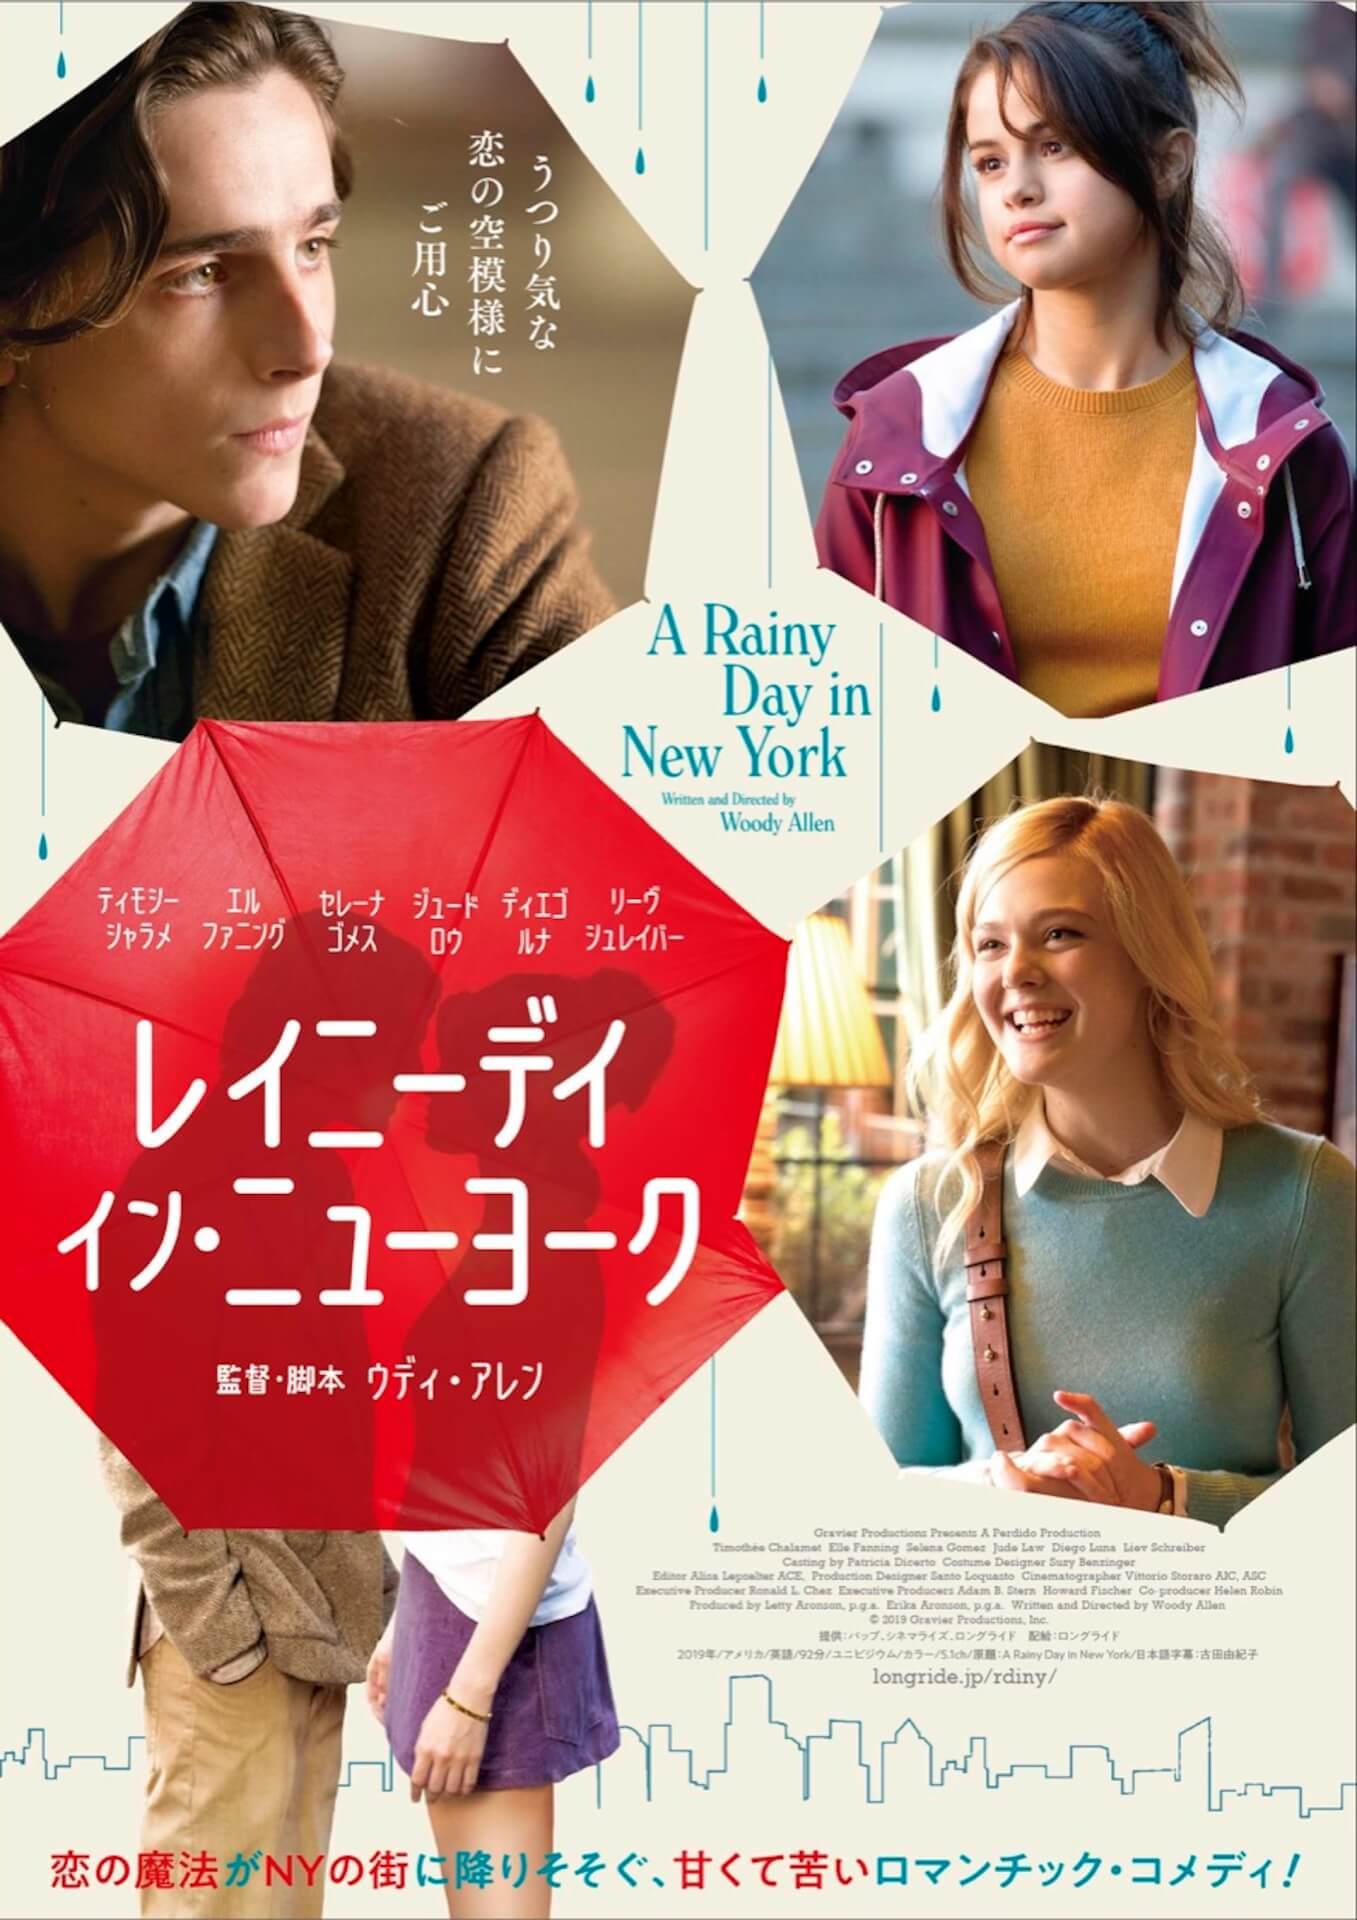 7月公開の映画で期待度が最も高いのは!?『WAVES/ウェイブス』『レイニーデイ・イン・ニューヨーク』などランクインの期待度ランキングがFilmarksで発表 film200630_movie_july_6